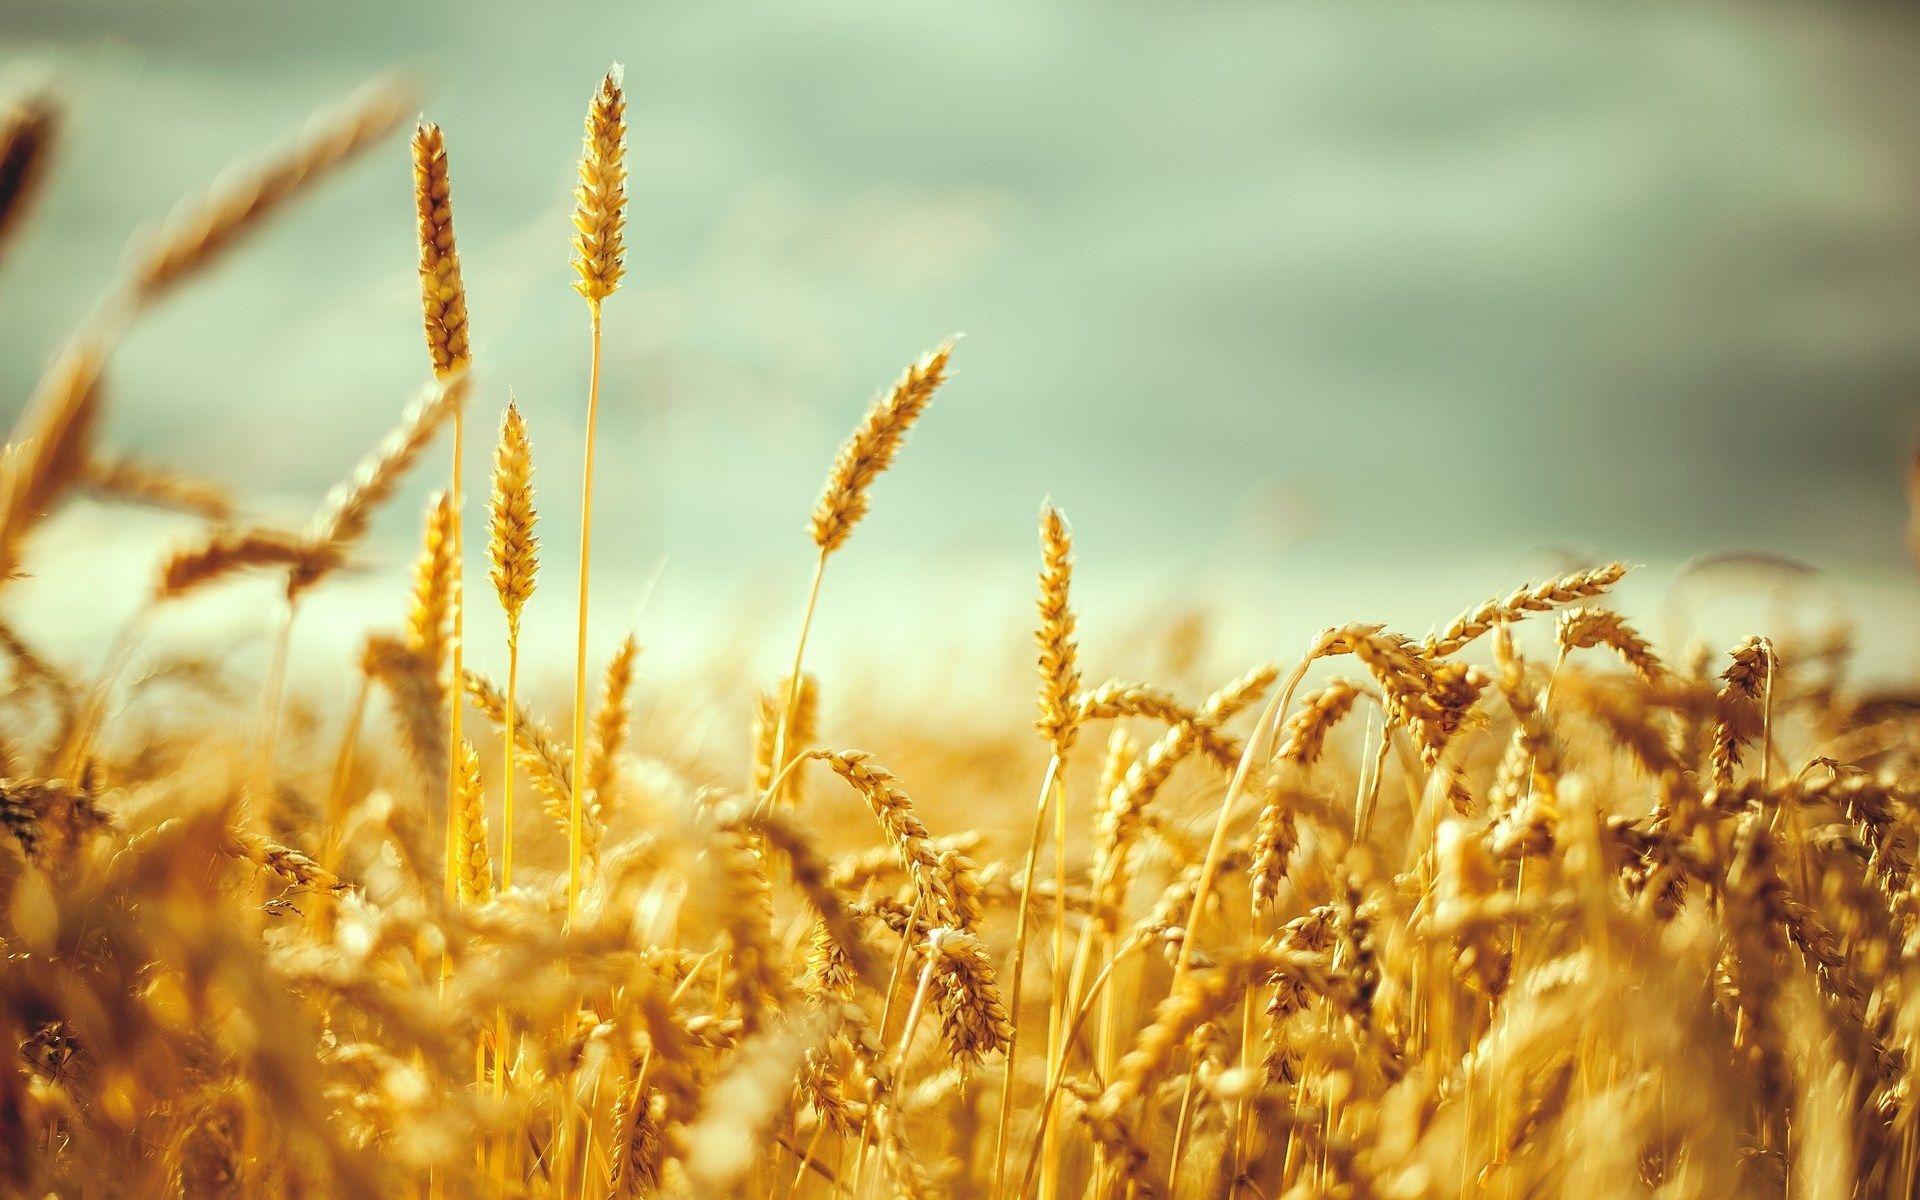 Wheat Wave Analysis – 9 July, 2020